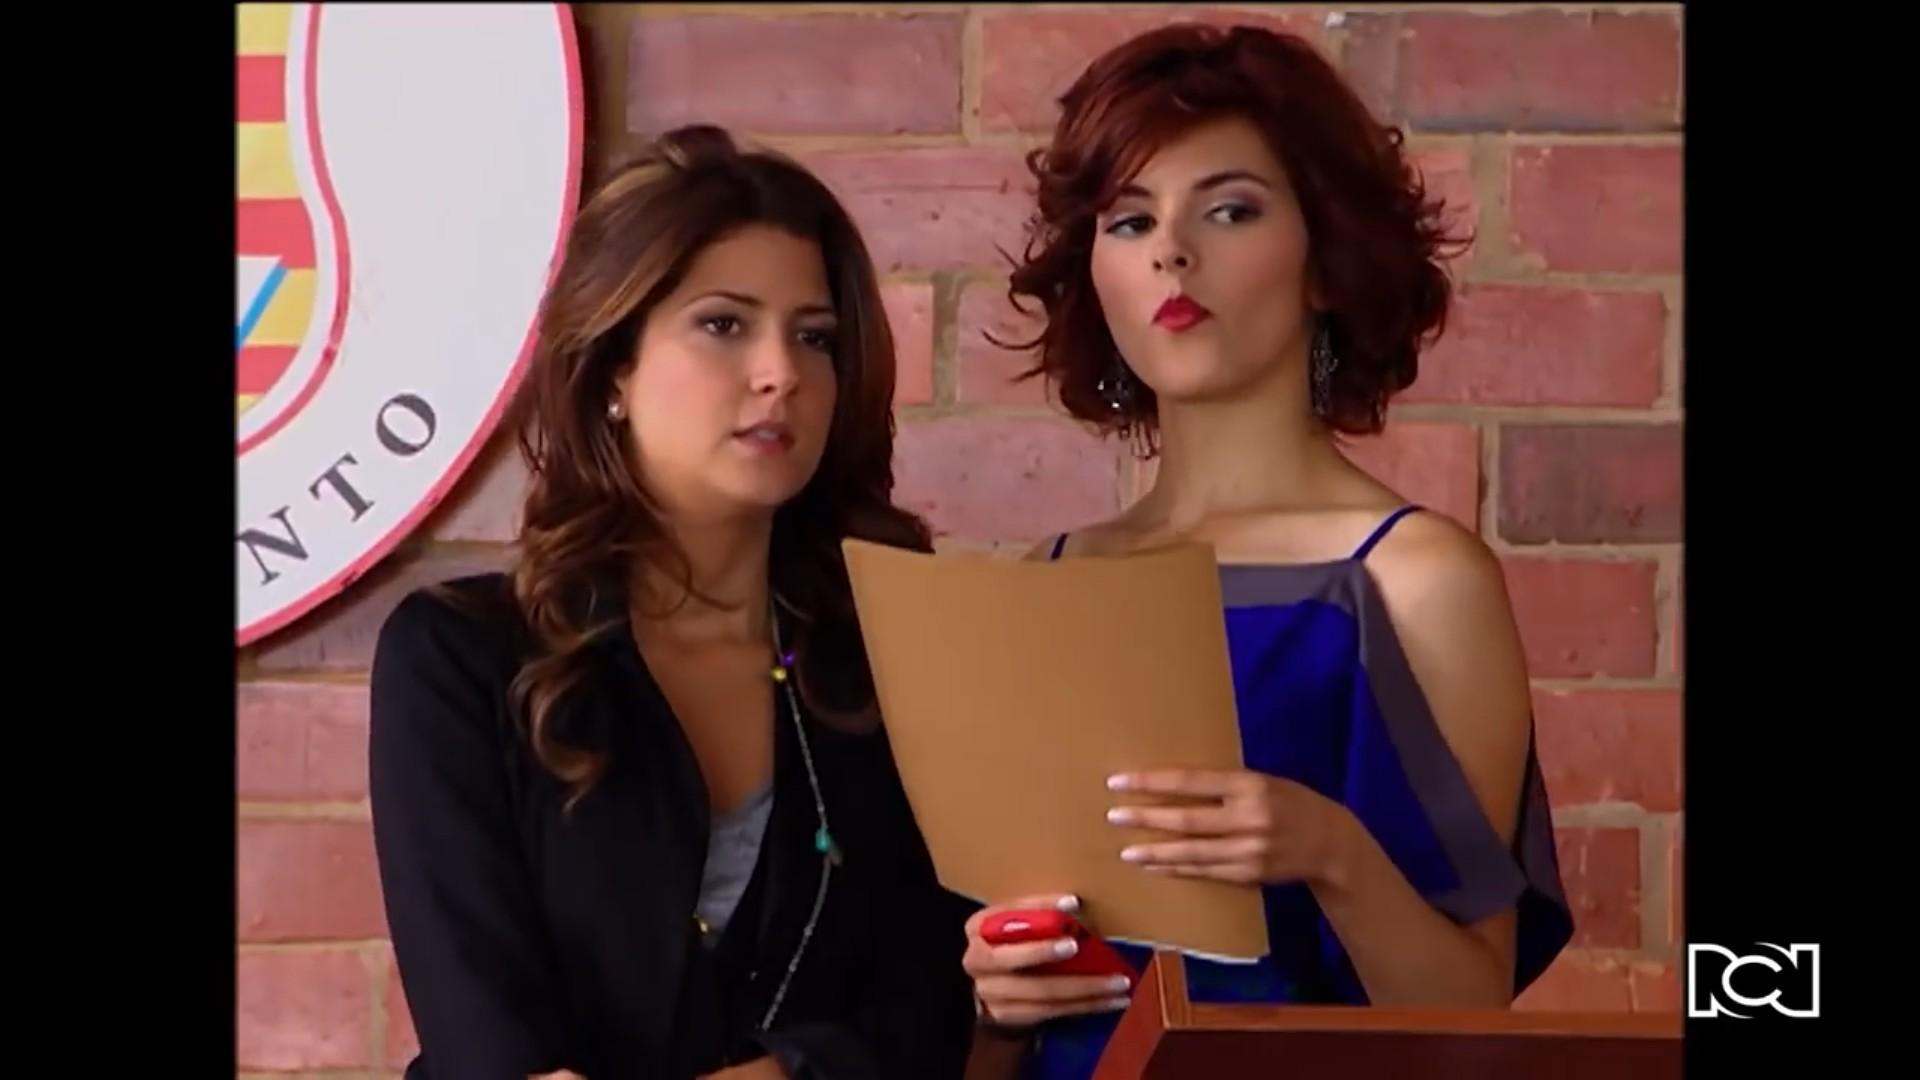 Silvia y Luisa convocan a una reunión de padres de familia